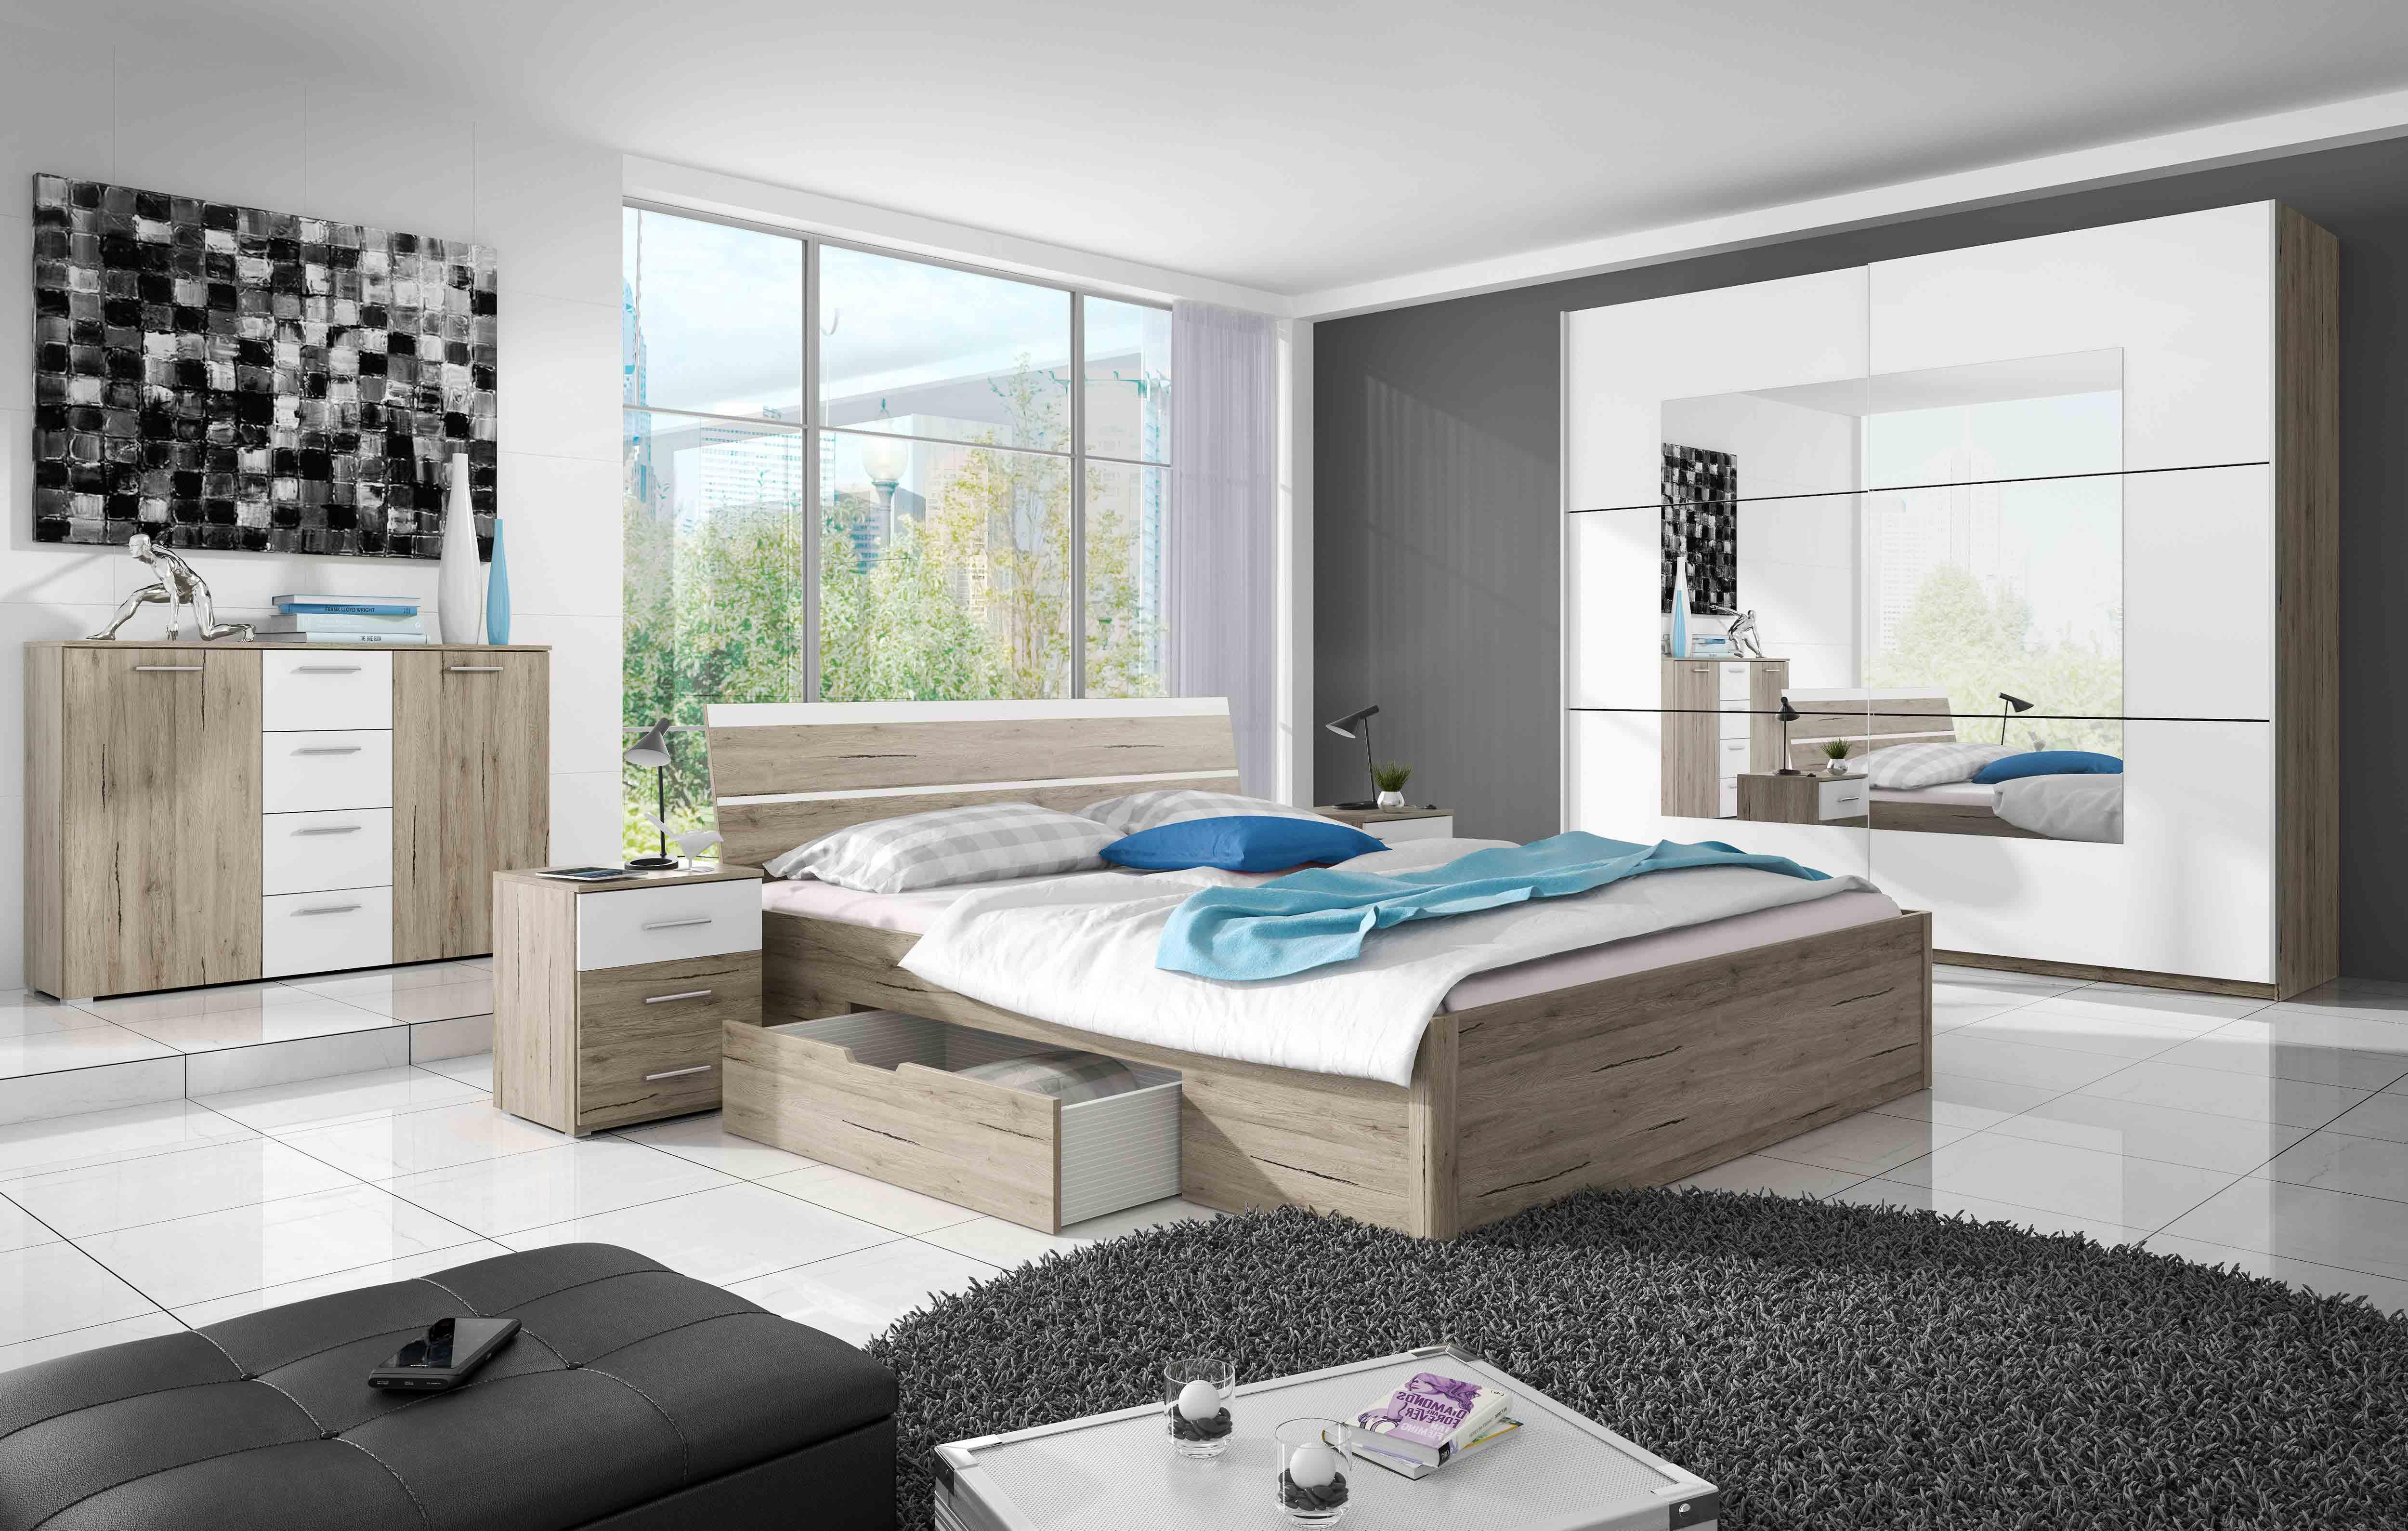 ArtElb Spálňa DELTA / BETA | san remo Beta: Spálňova zostava Beta / posteľ 180 x 200